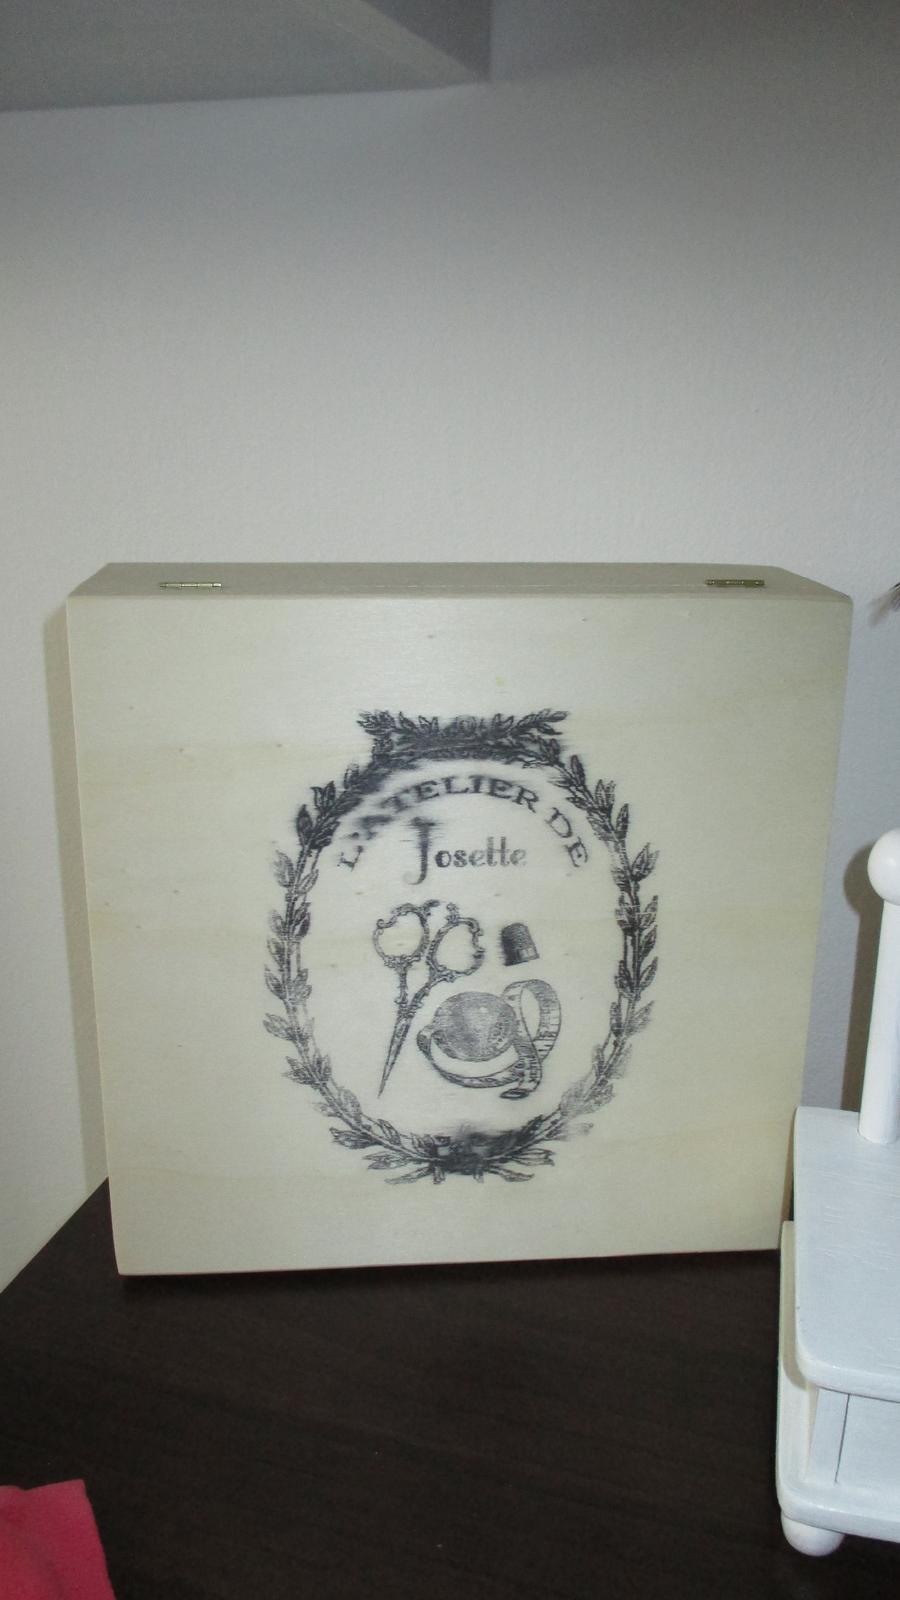 drevená skrinka na šiťie  - Obrázok č. 1